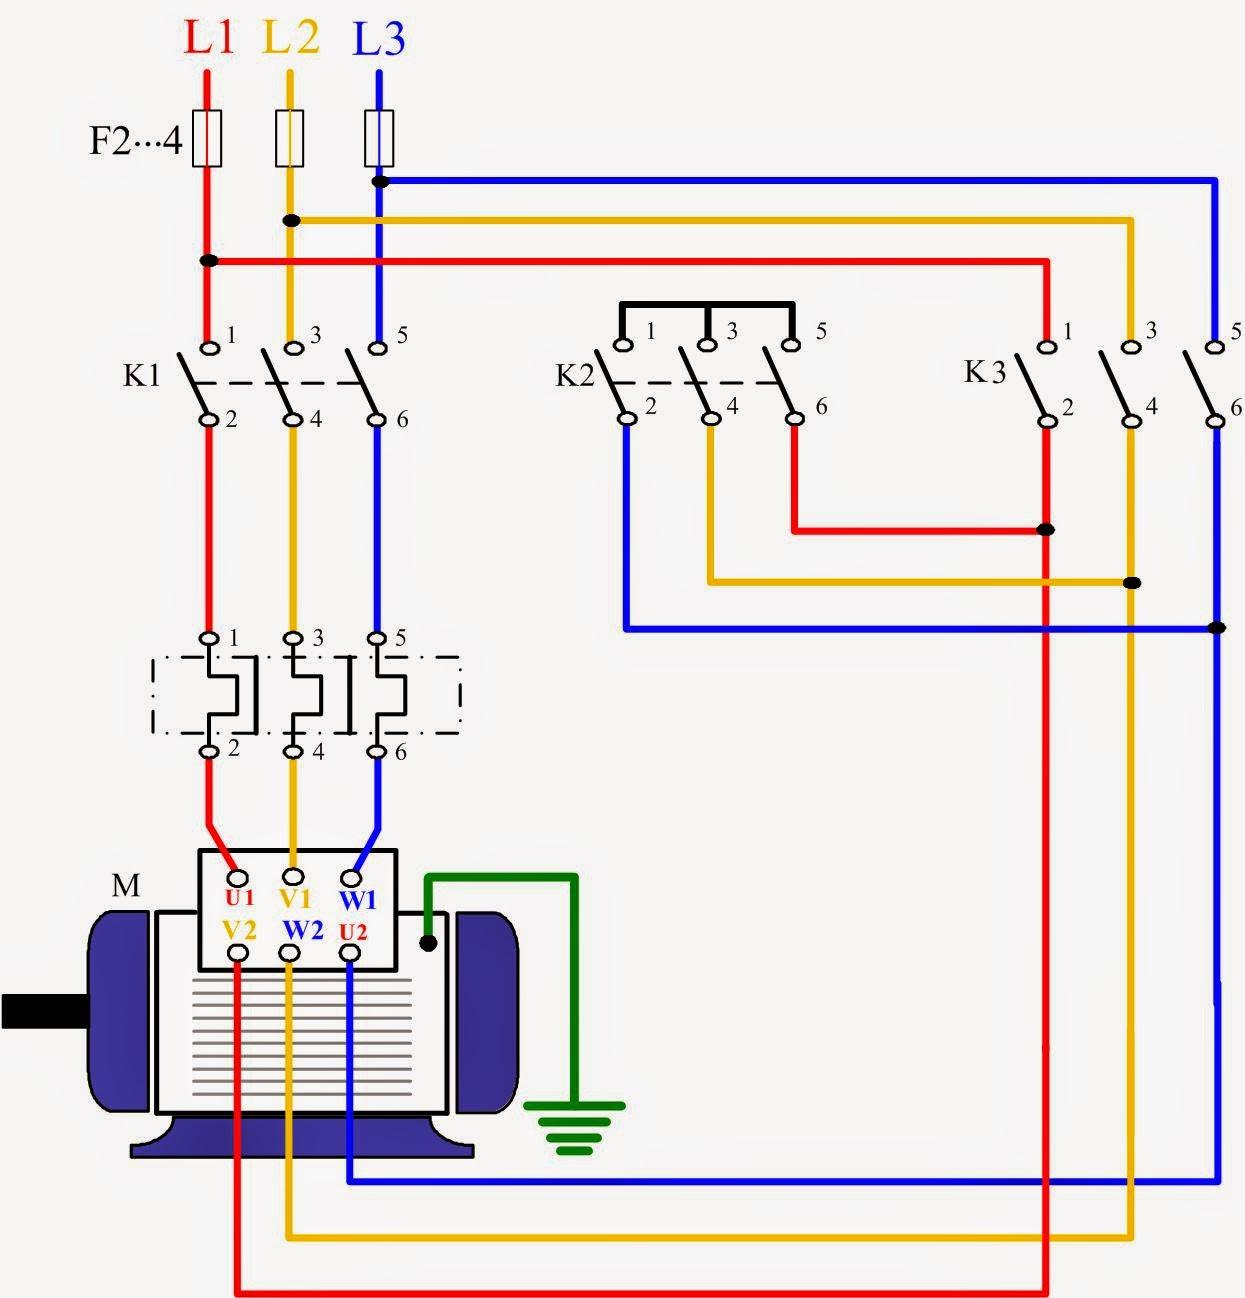 تشغيل محرك ثلاثي الأوجة نجمة / مثلث باستخدام المفاتيح المغناطيسية والضواغط